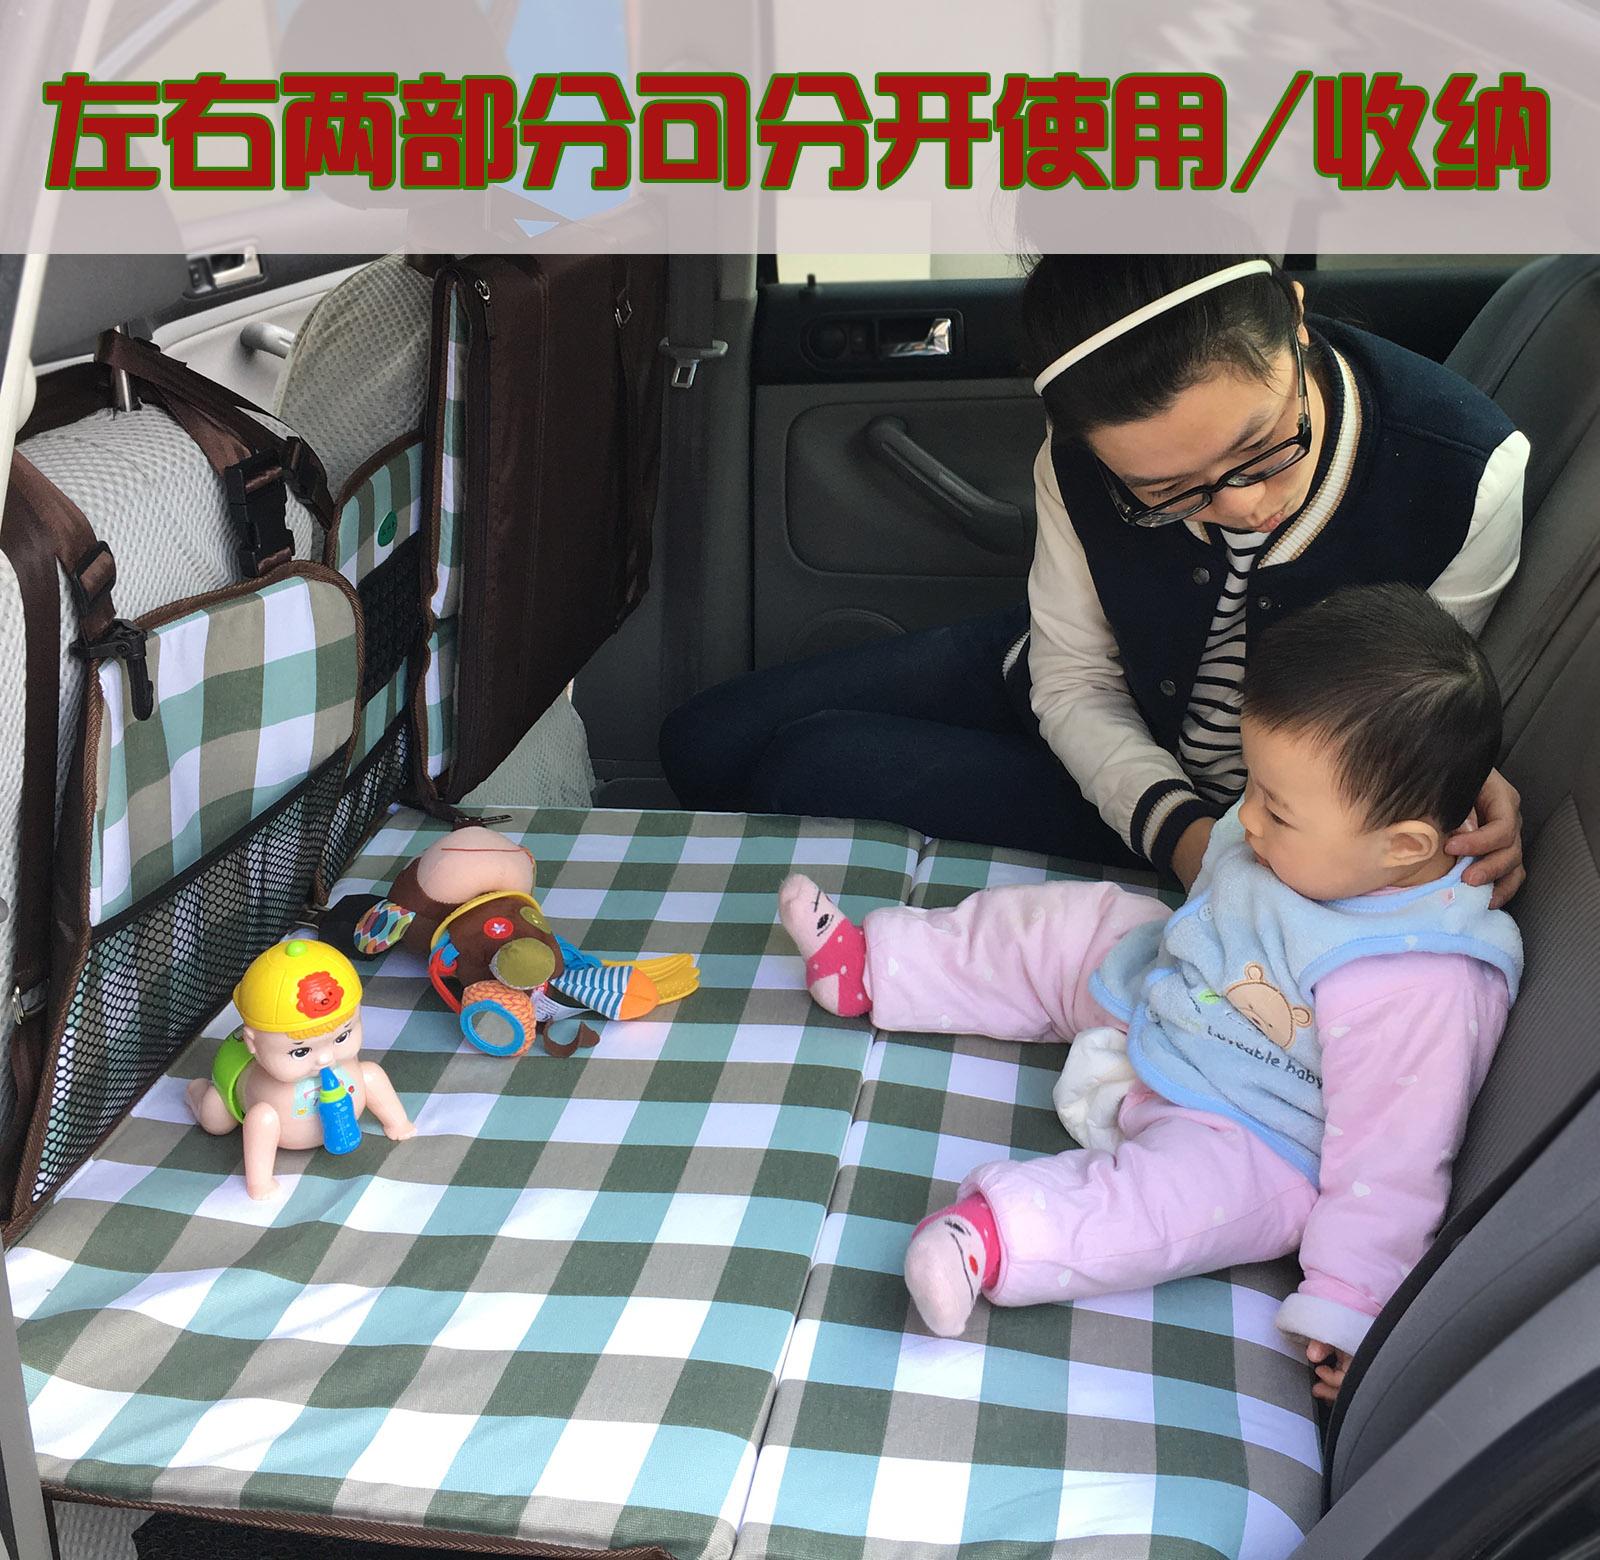 加厚款非充汽车睡垫儿童宝宝车载床垫气床旅行床车床车中床